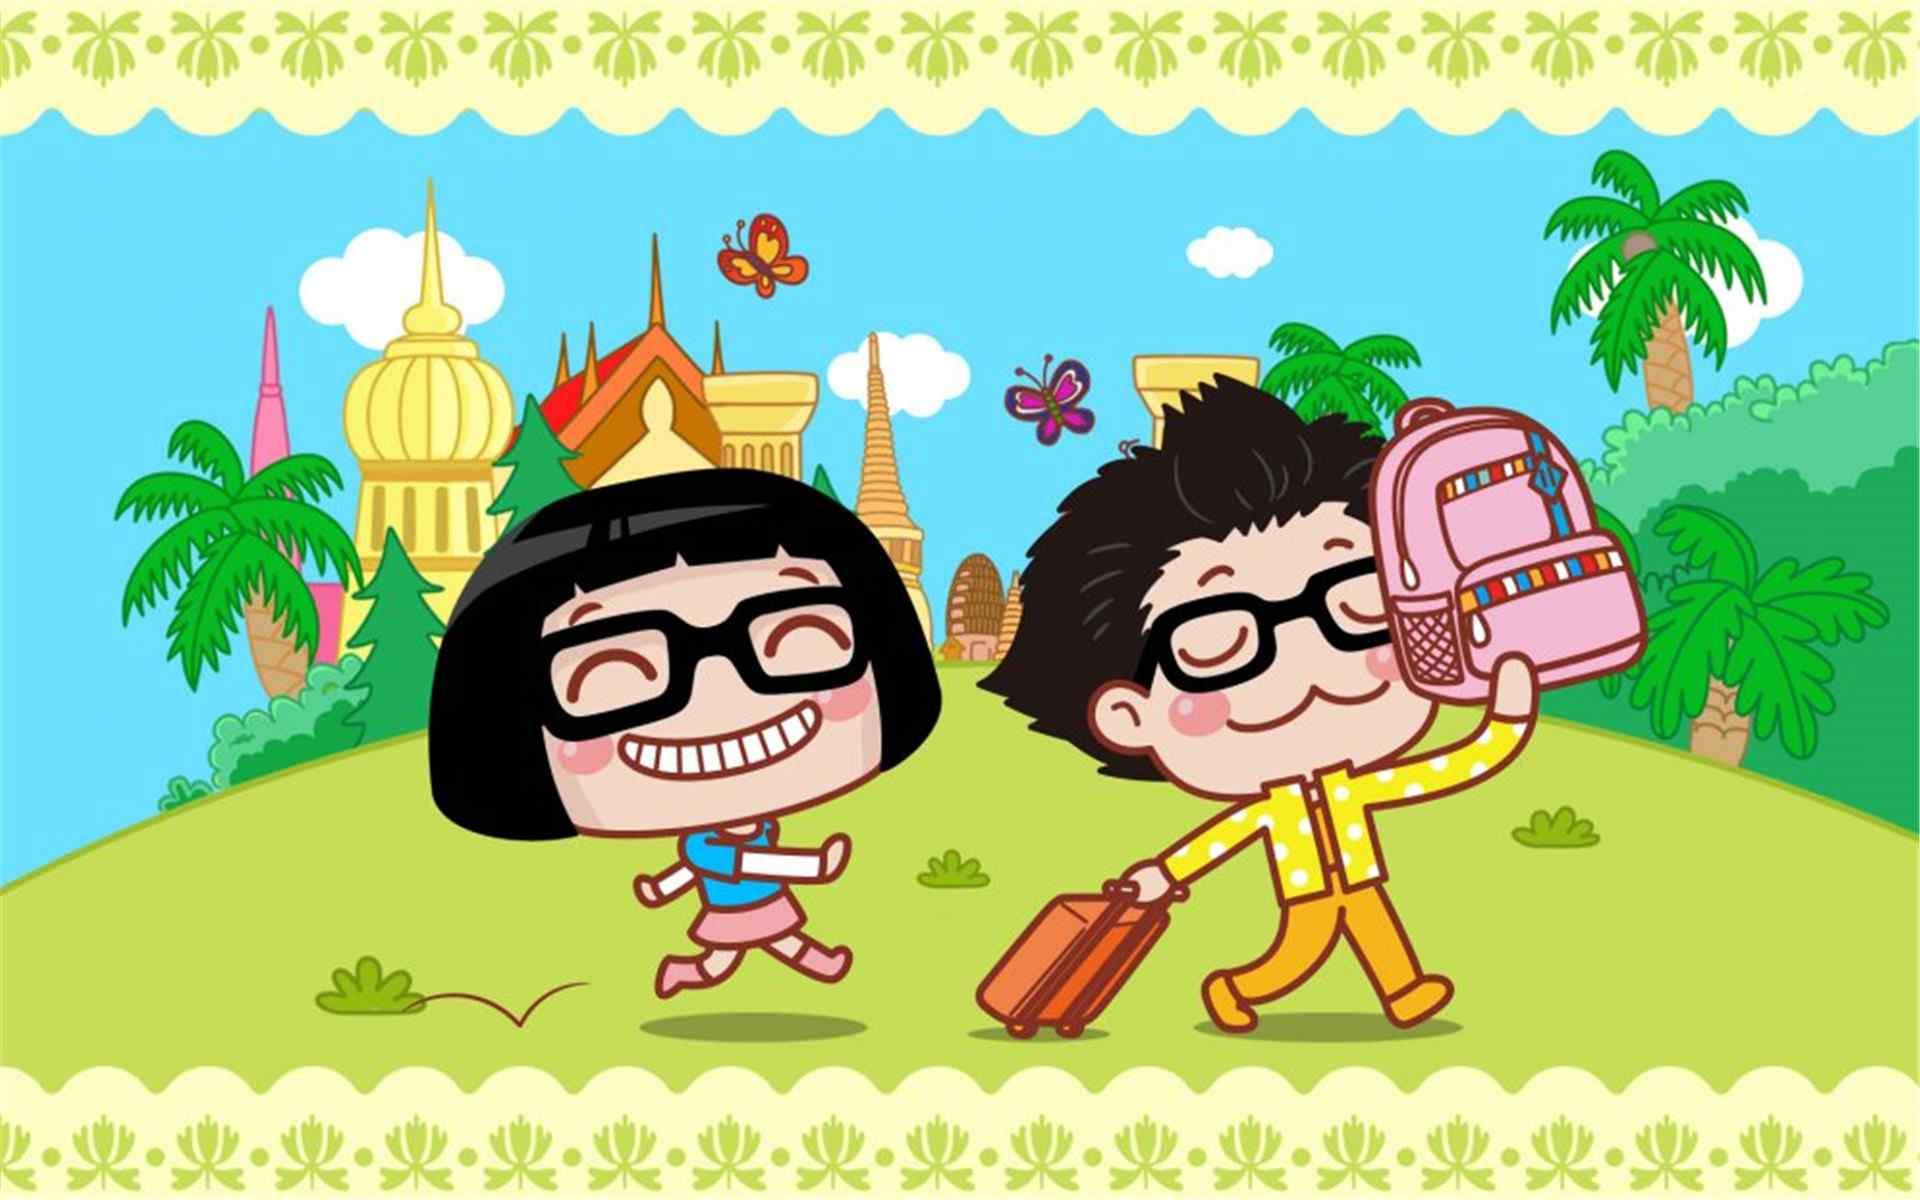 卡通人物可爱的Hello菜菜情侣壁纸。一个头顶蘑菇头、带熊猫黑框眼镜的卡通人物。拥有无敌的乐观精神,搞笑风趣的性格。Hello菜菜(hello-caicai.com)是国内最热门的原创女生卡通形象,诞生于2007年,Hello菜菜的表情头像、漫画和菜菜图片以乐观、搞怪的风格受到大量粉丝的喜爱。